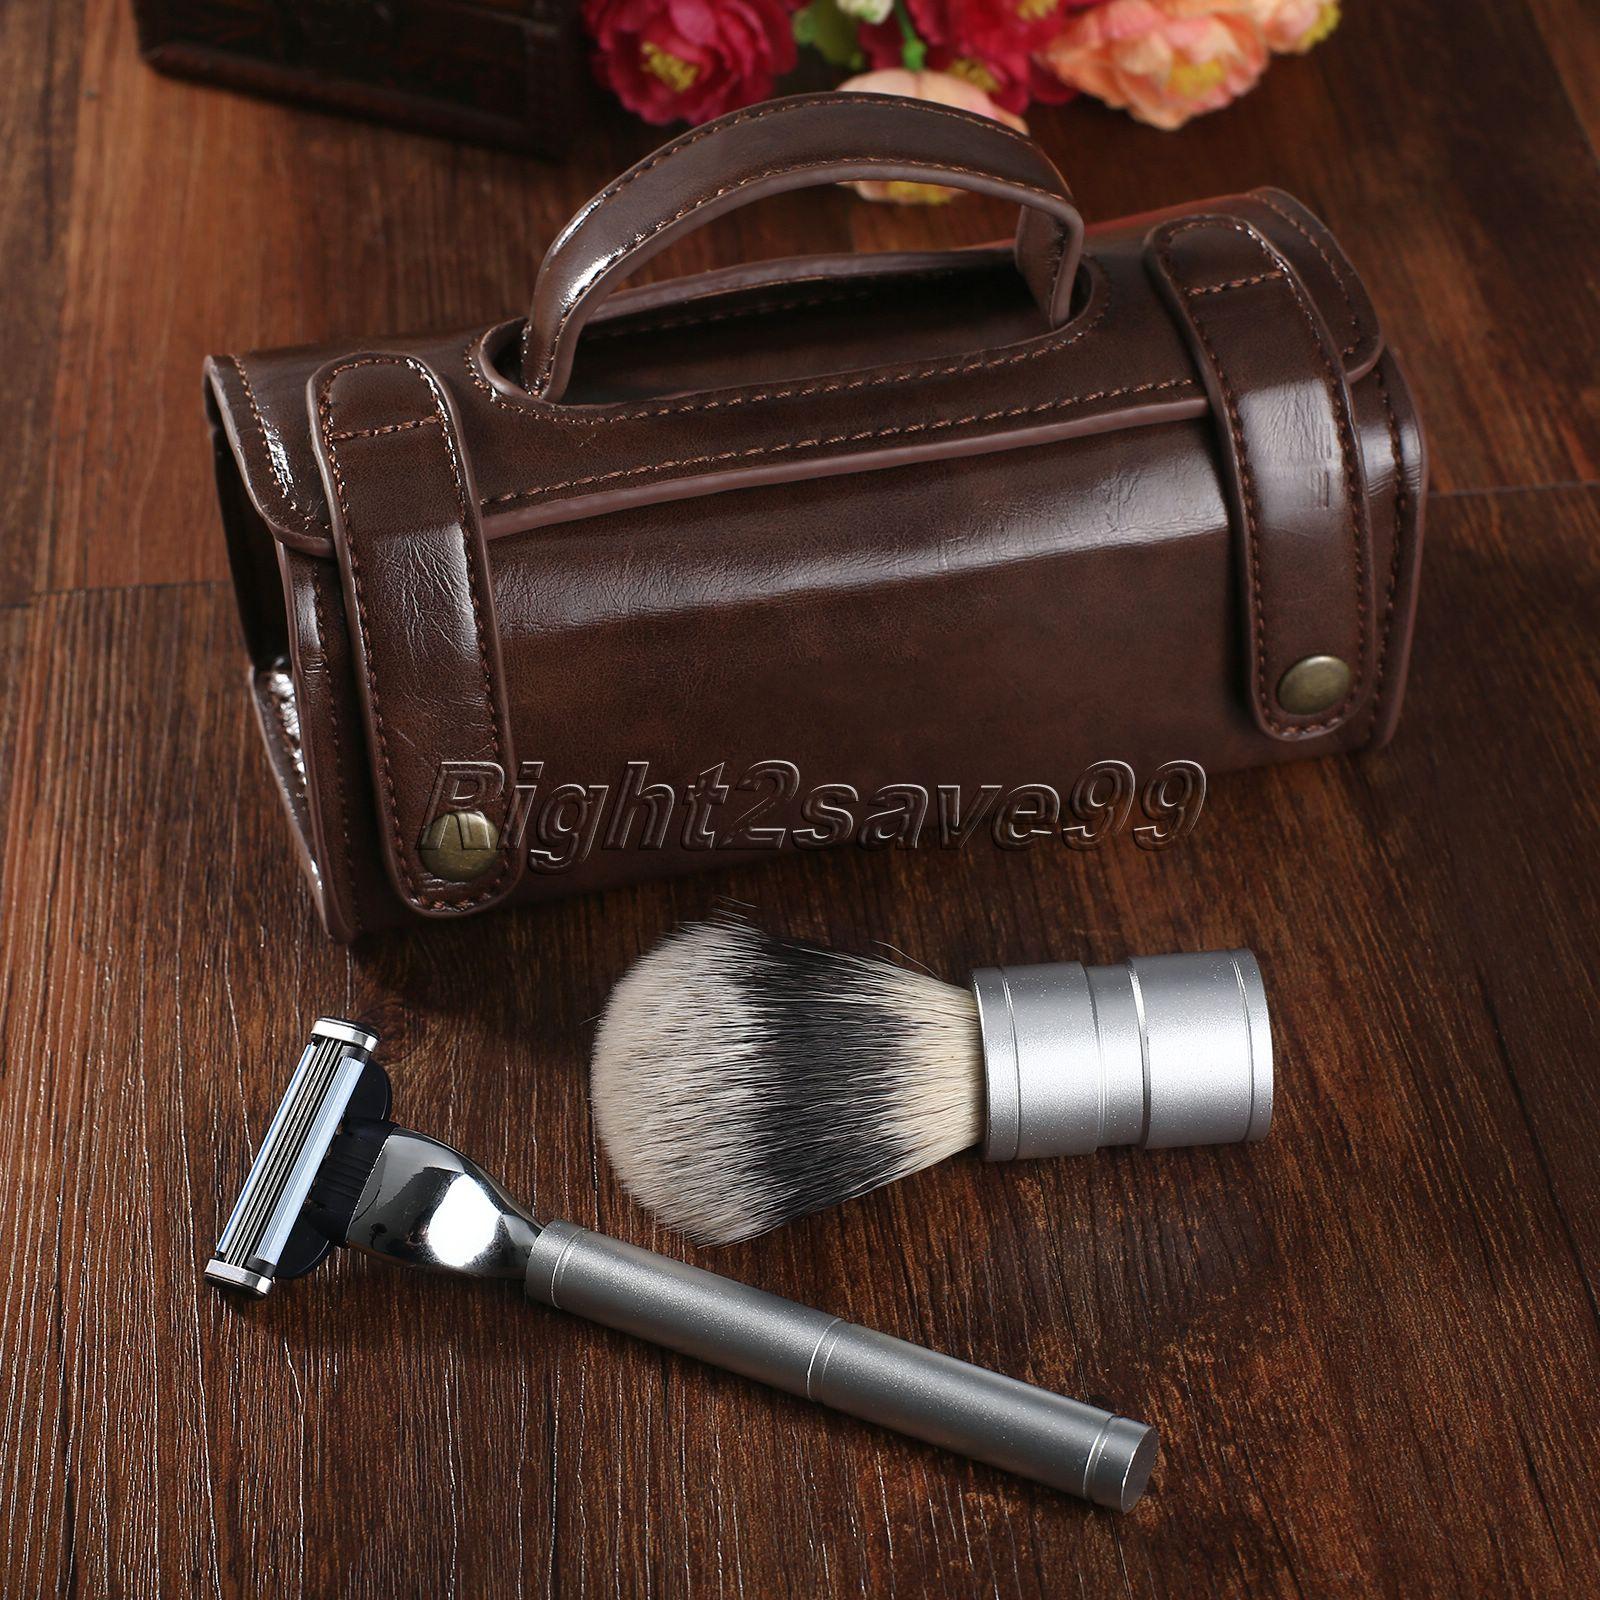 3 In 1 Shaving Set Men's Shaving Razor & Shaving Brush & Shaving Toiletry PU Leather Case SET